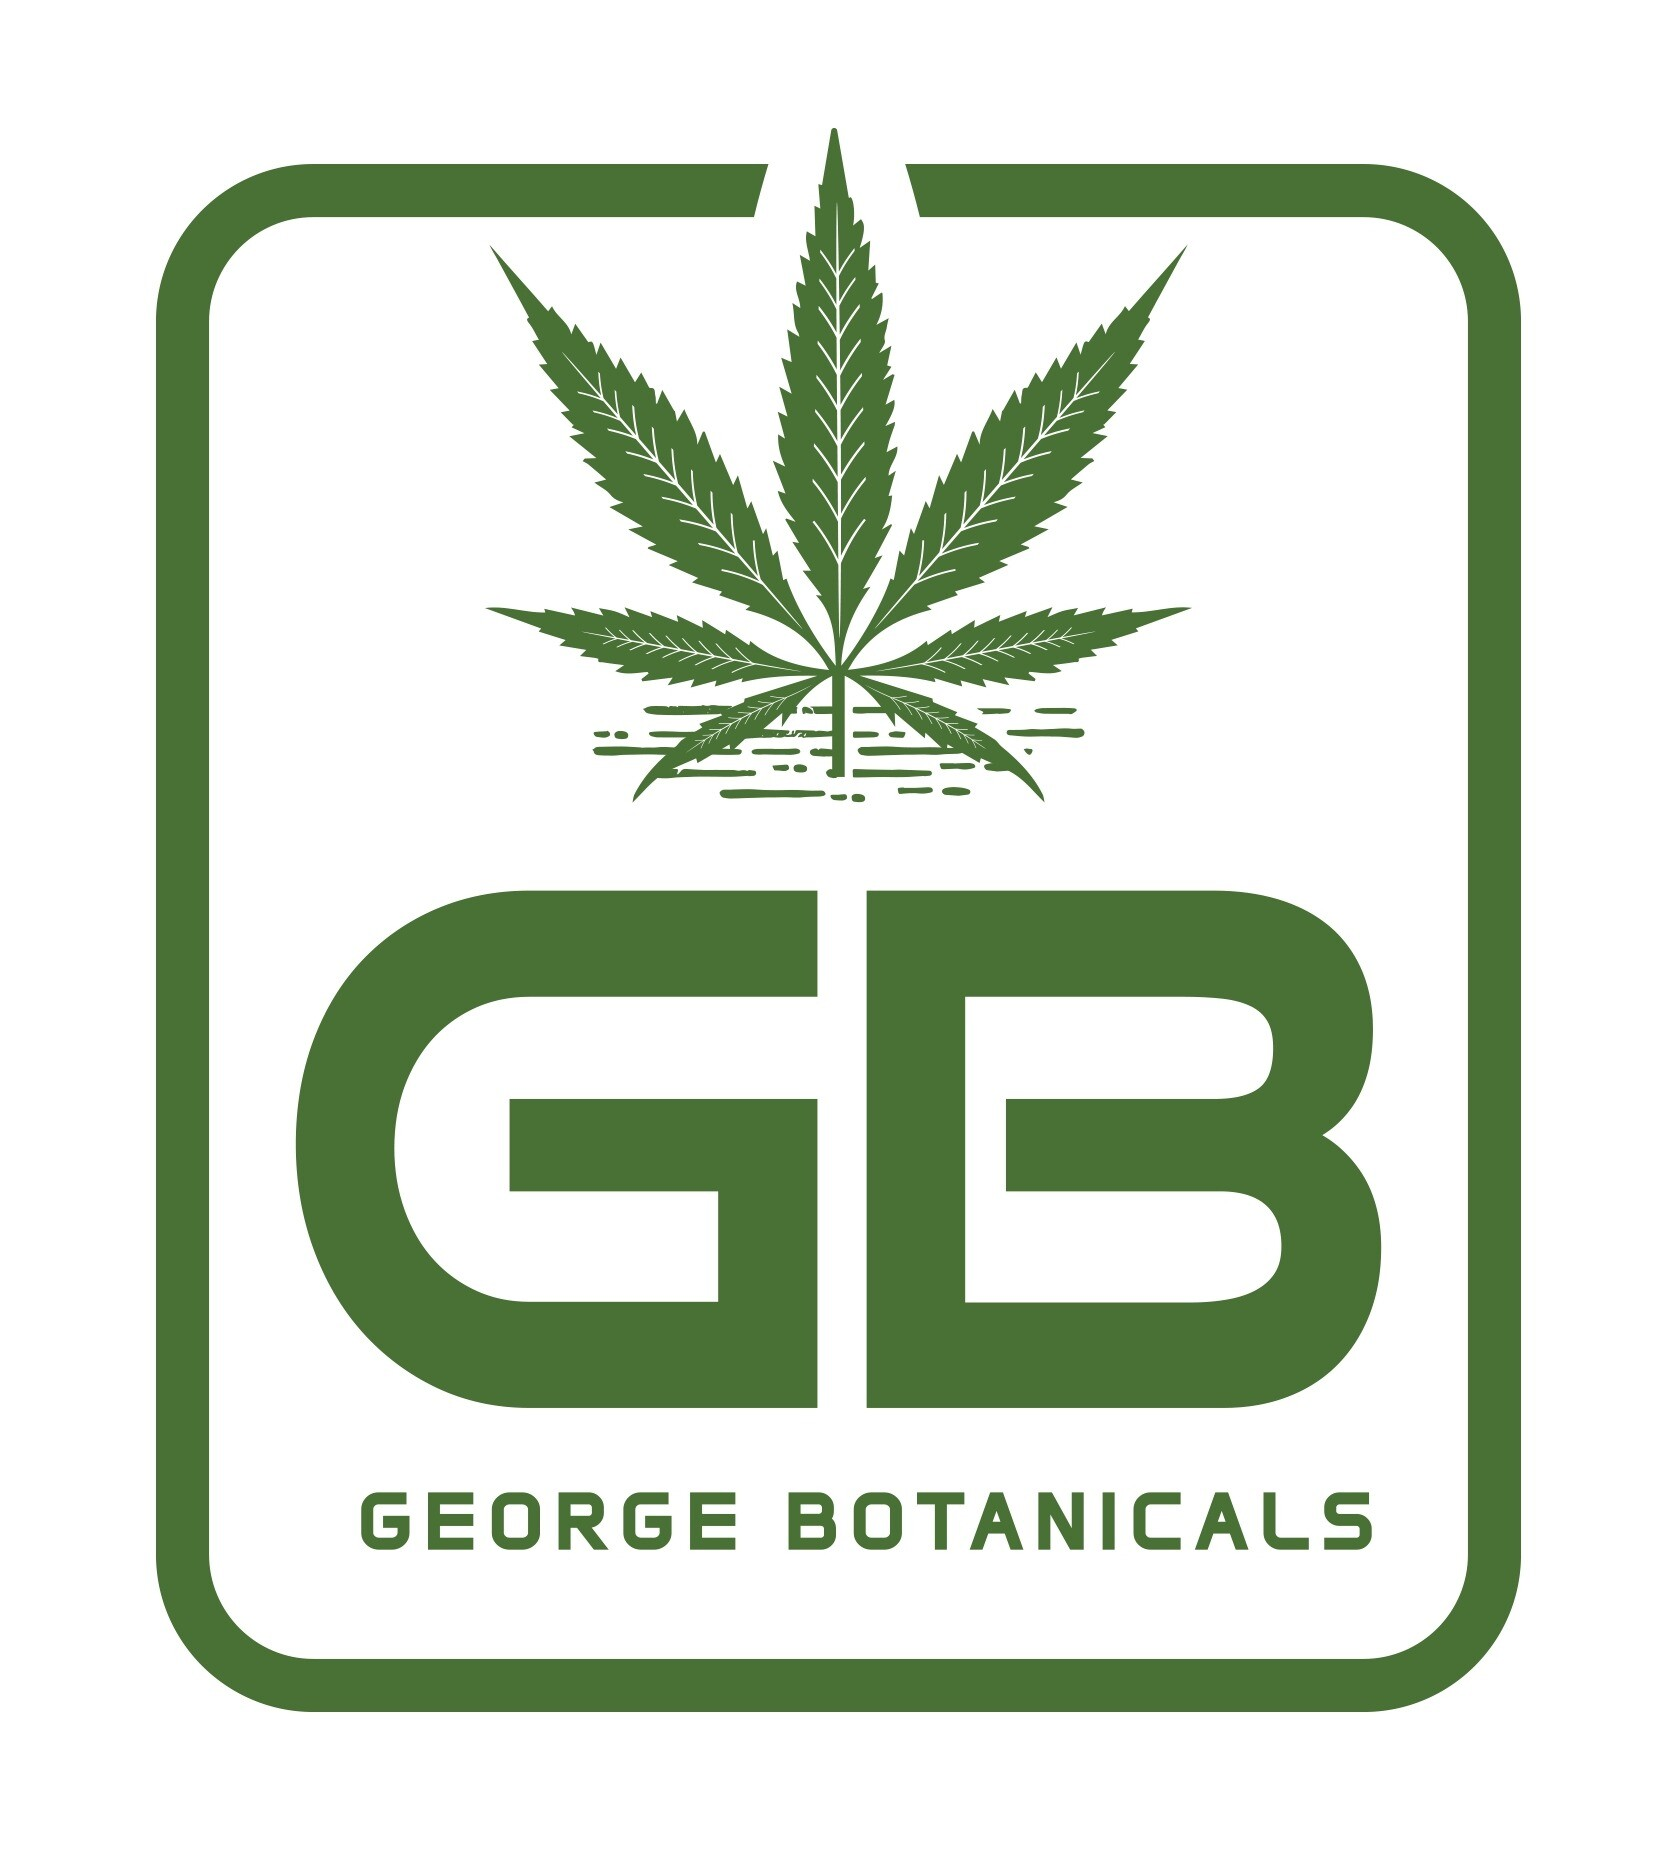 George Botanicals Vouchers